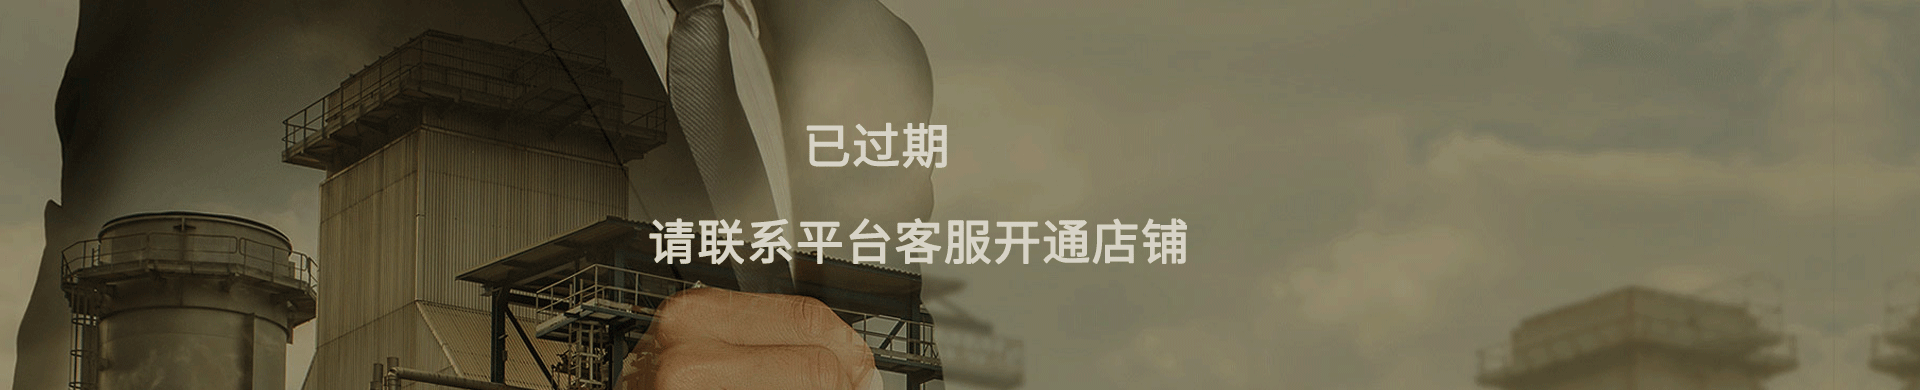 厦门松野电气技术有限公司